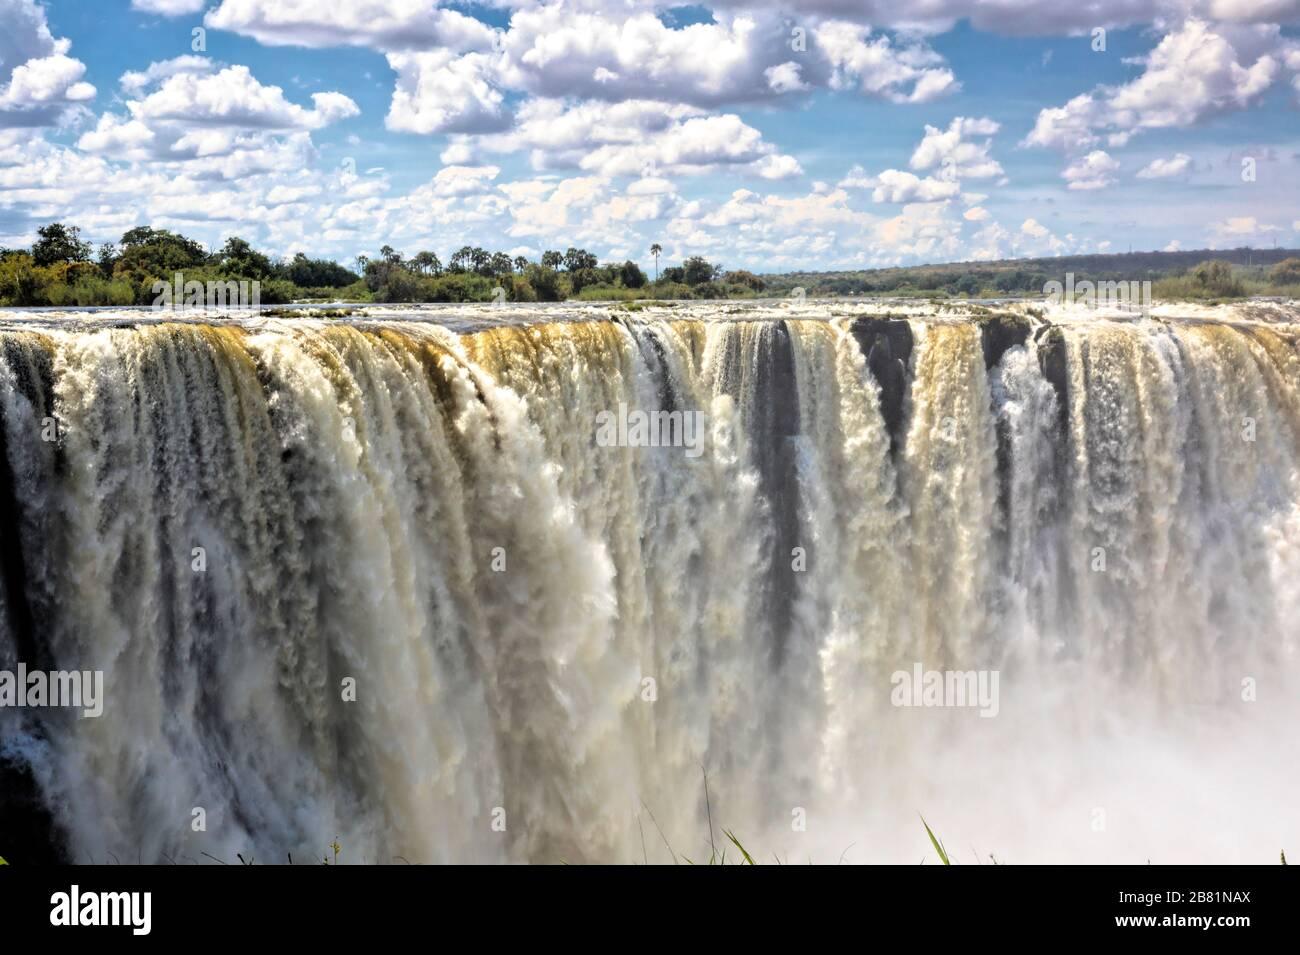 Die majestätischen Victoria Falls in voller Hochwasserperiode im April am Ende der Regenzeit Stockfoto